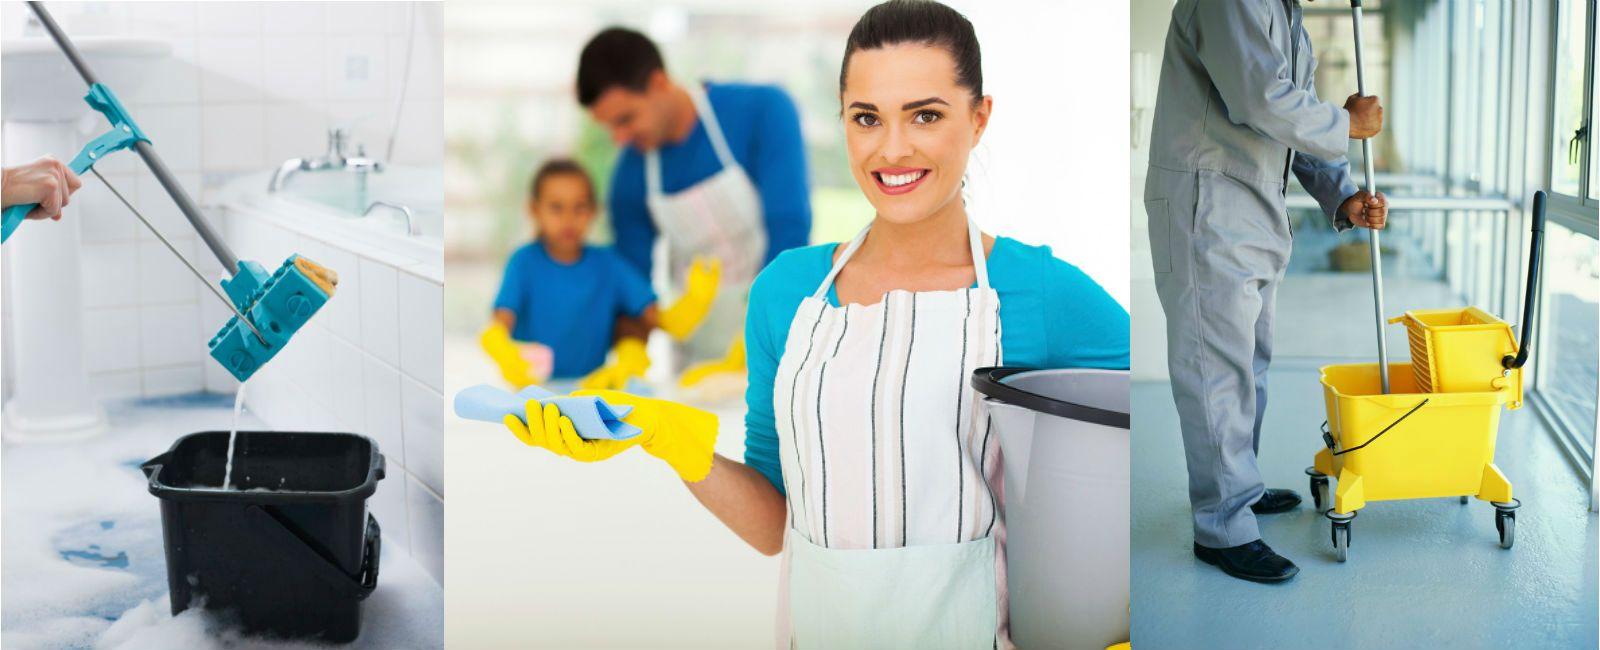 مطلوب مشرف/ة عمال تنظيف